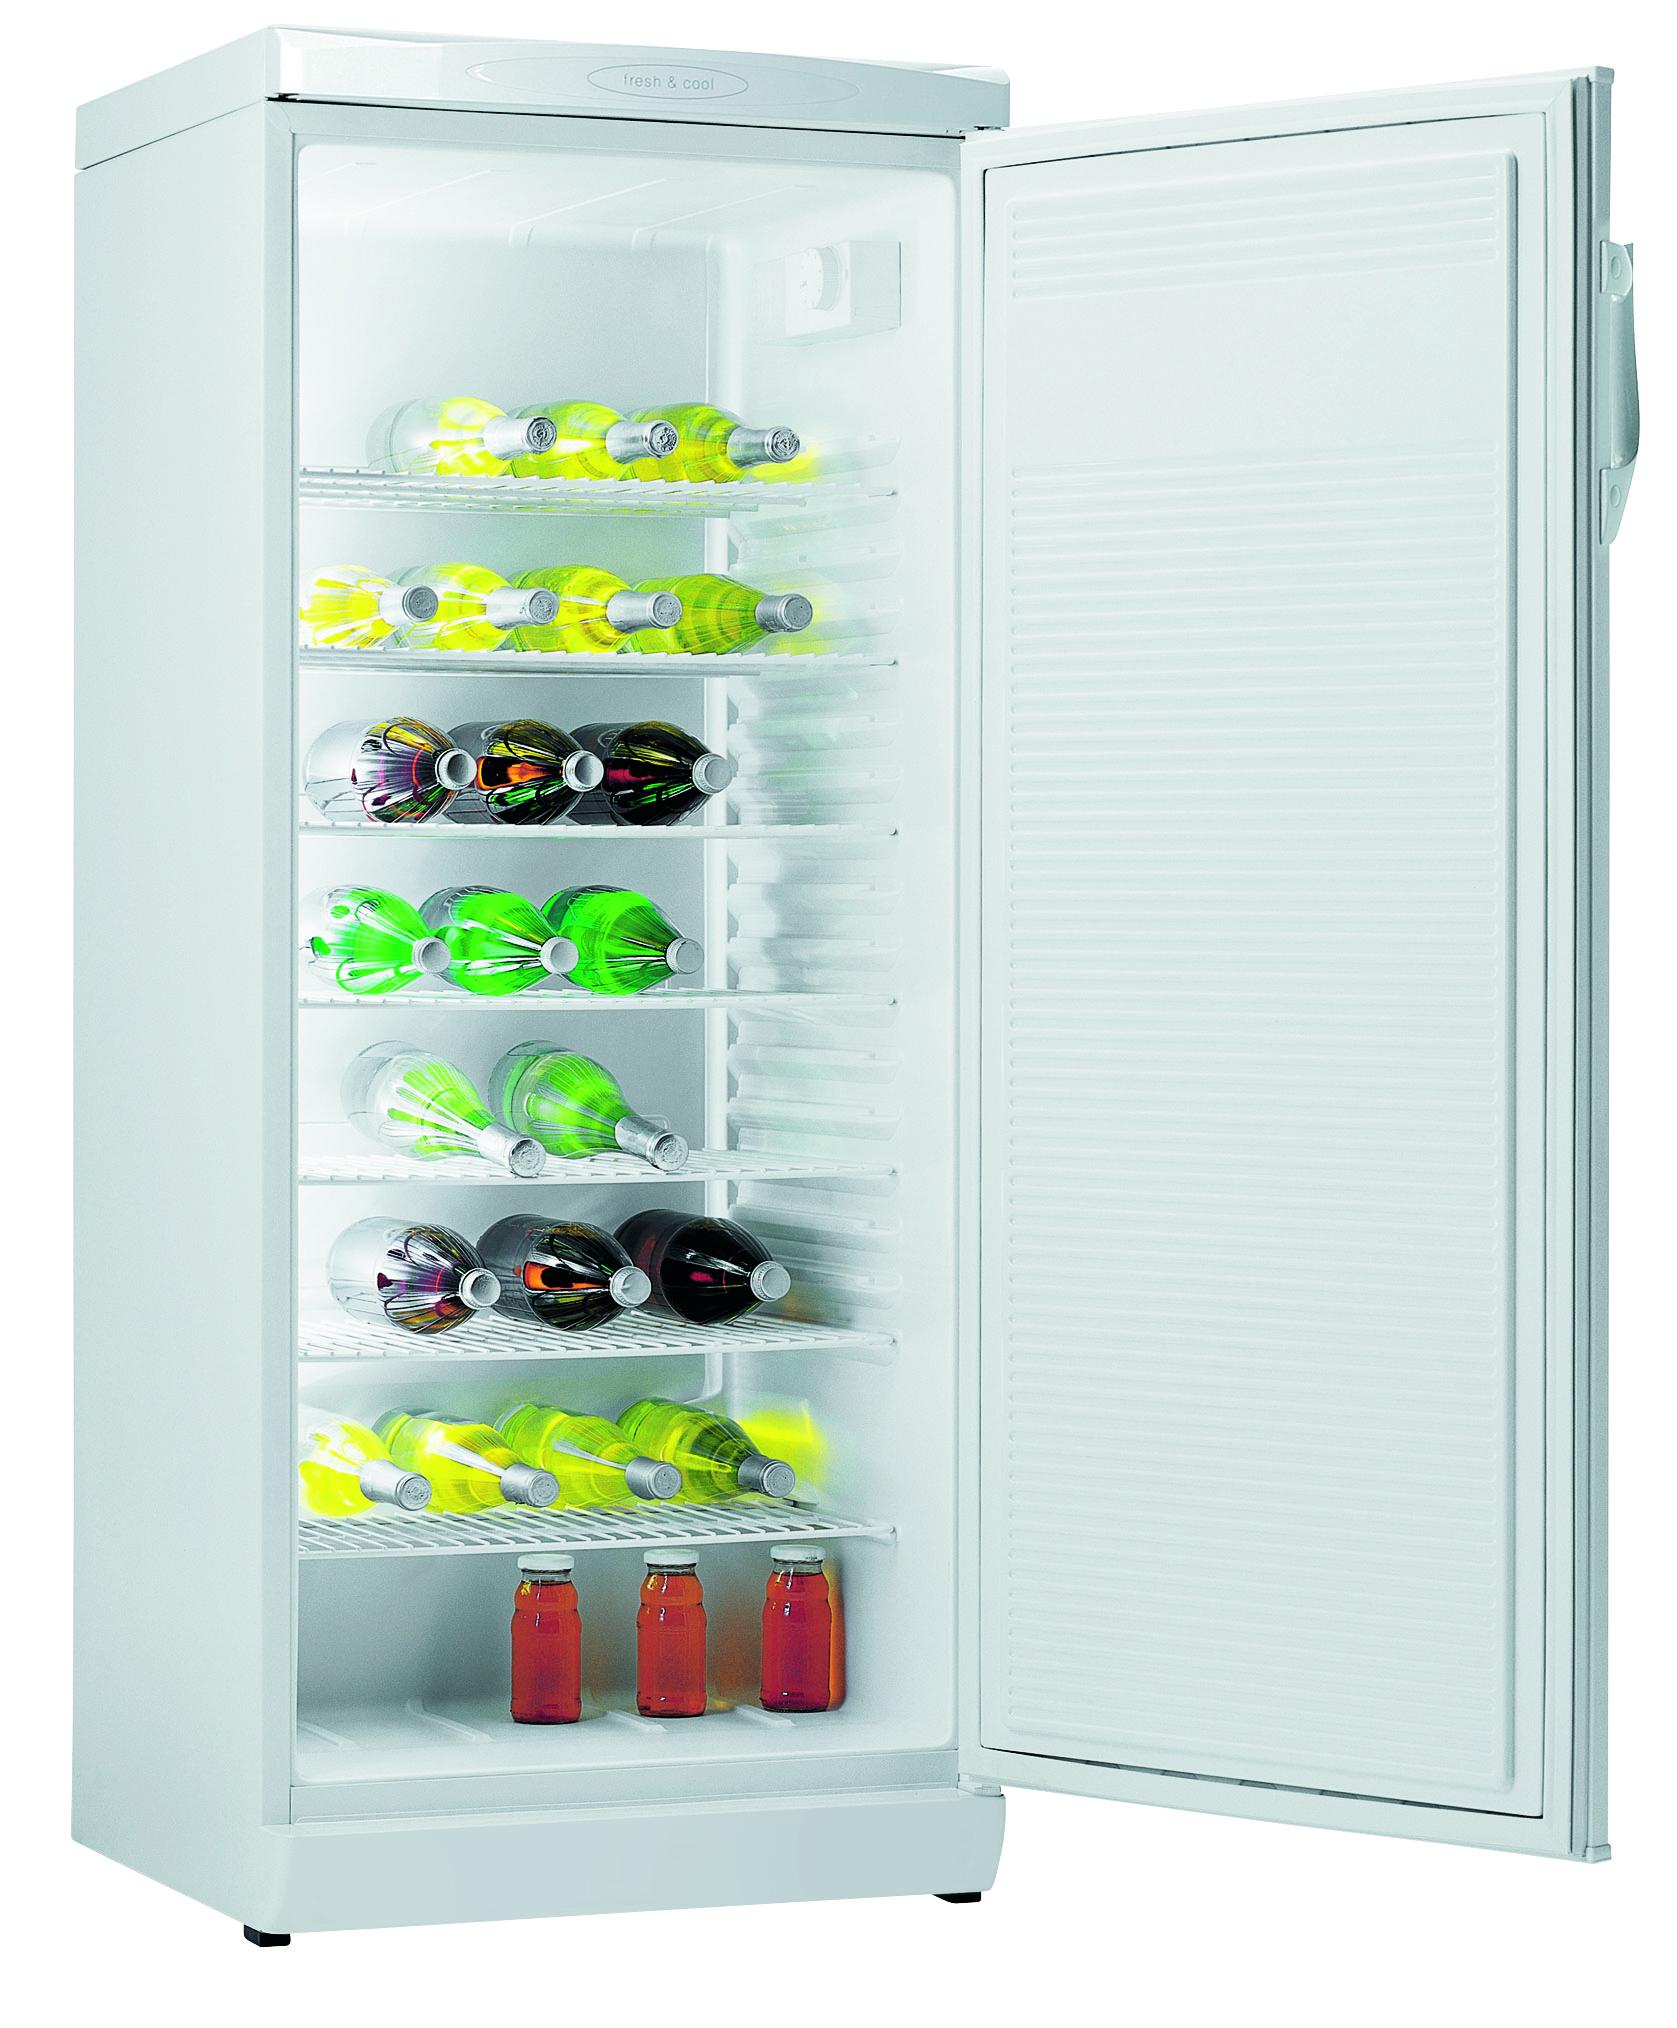 Gorenje RVC6299W Stand-Flaschenkühlschrank/ Energieeffizienzklasse A++